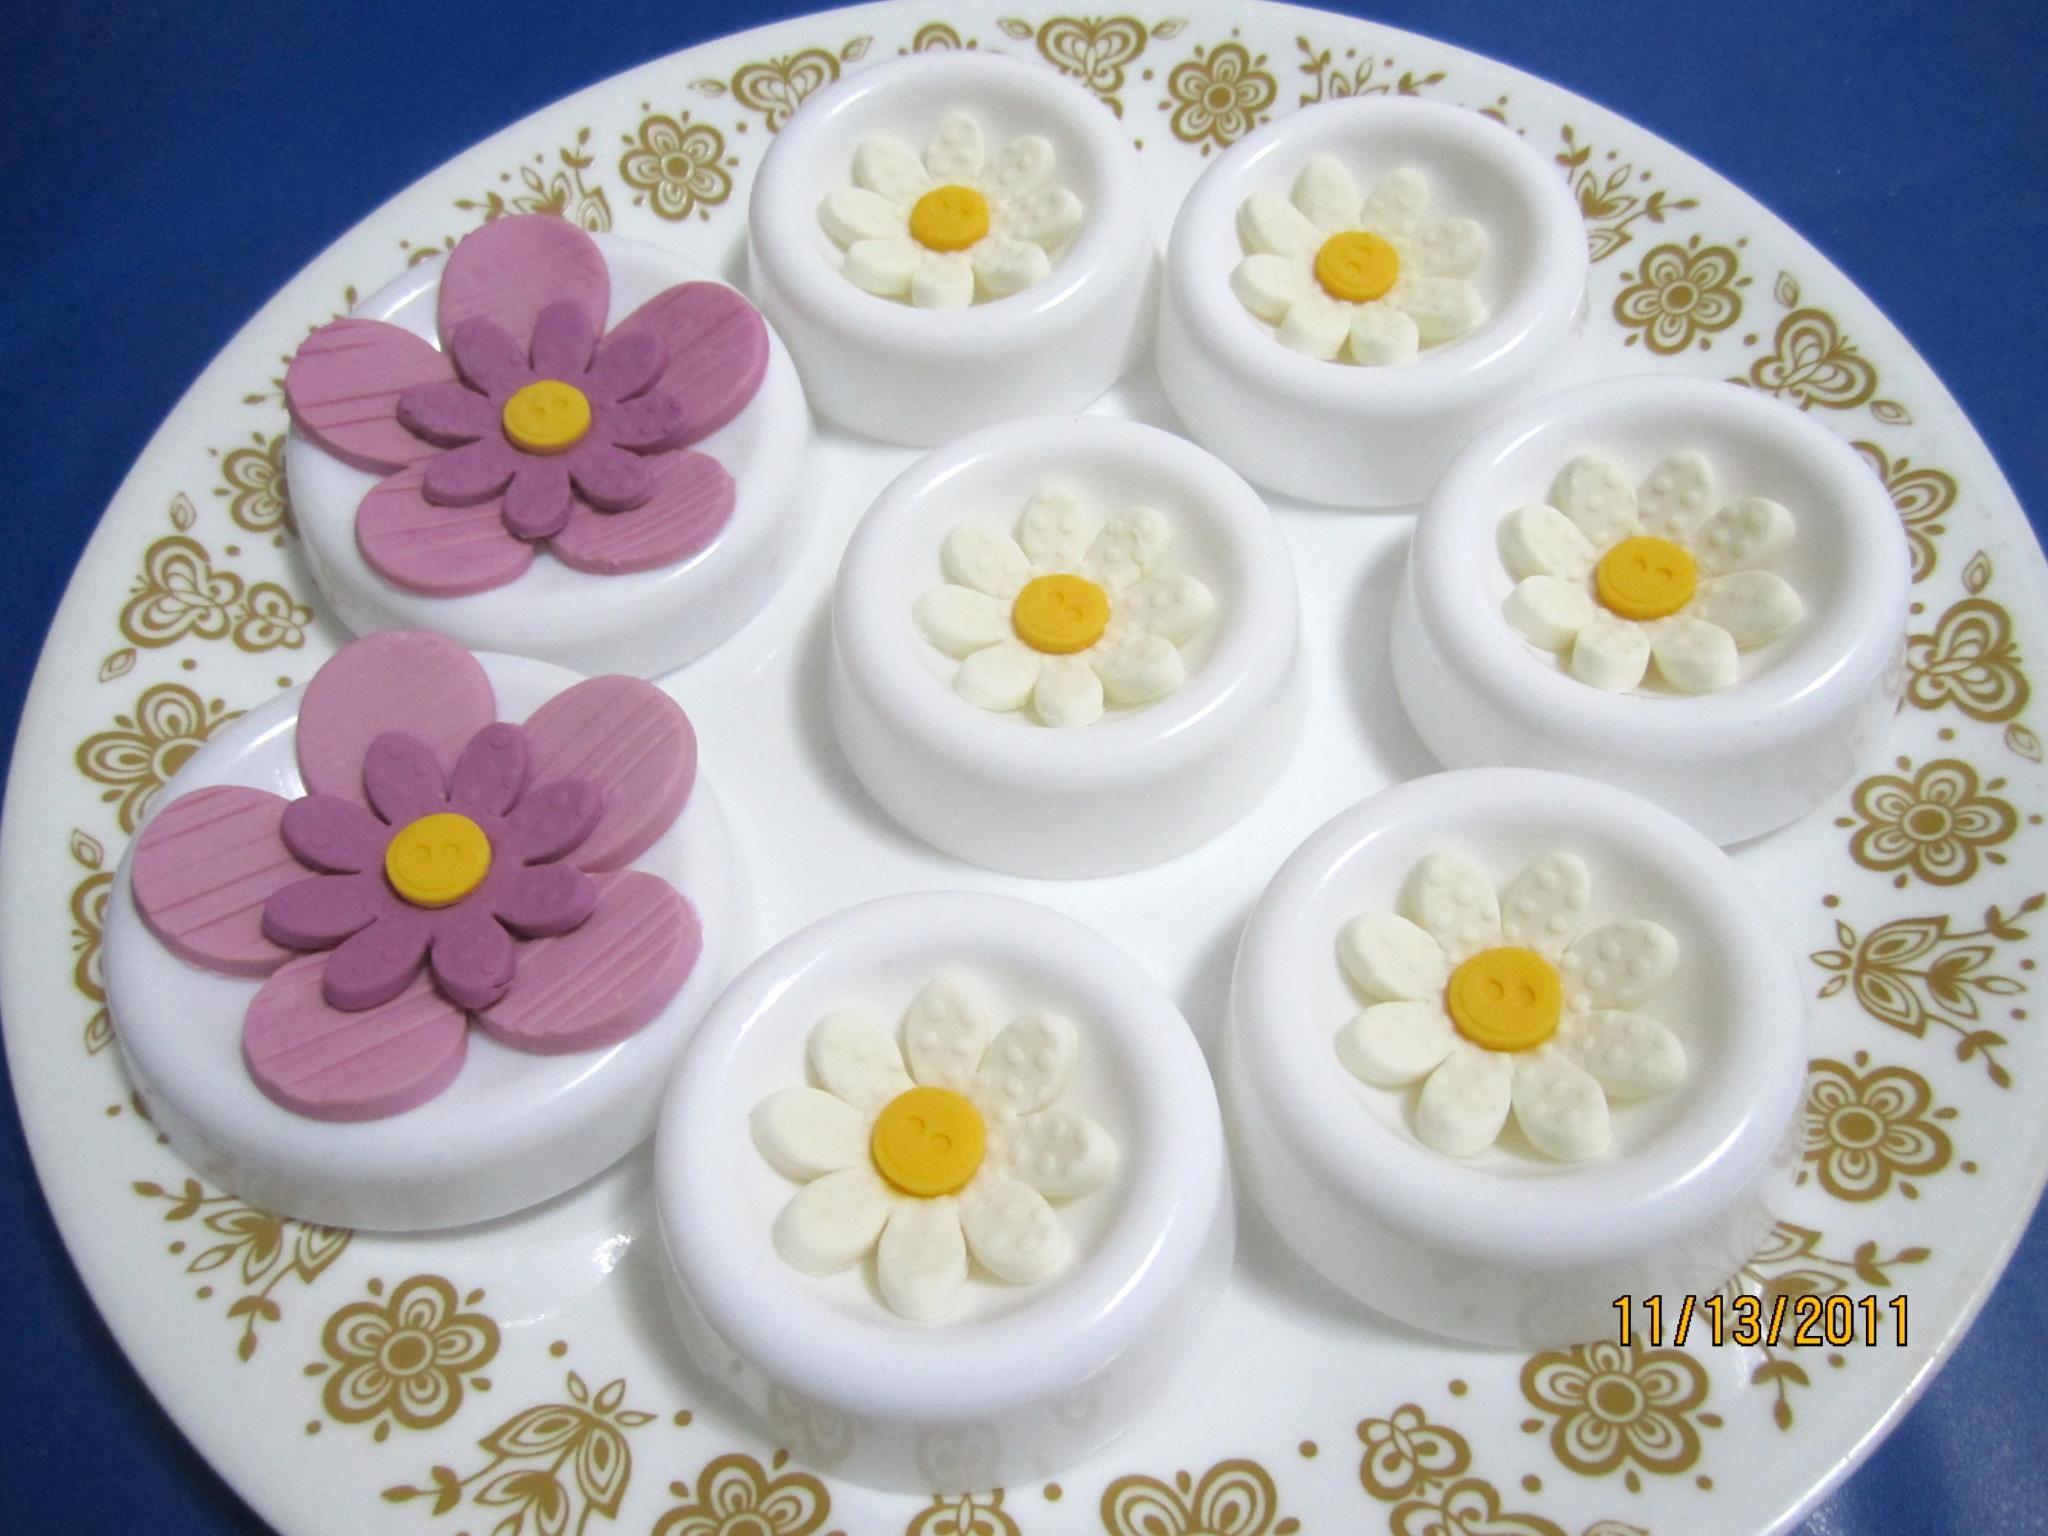 Fondant Daisy Flowers Cake Decorations Pinterest Cake Cake